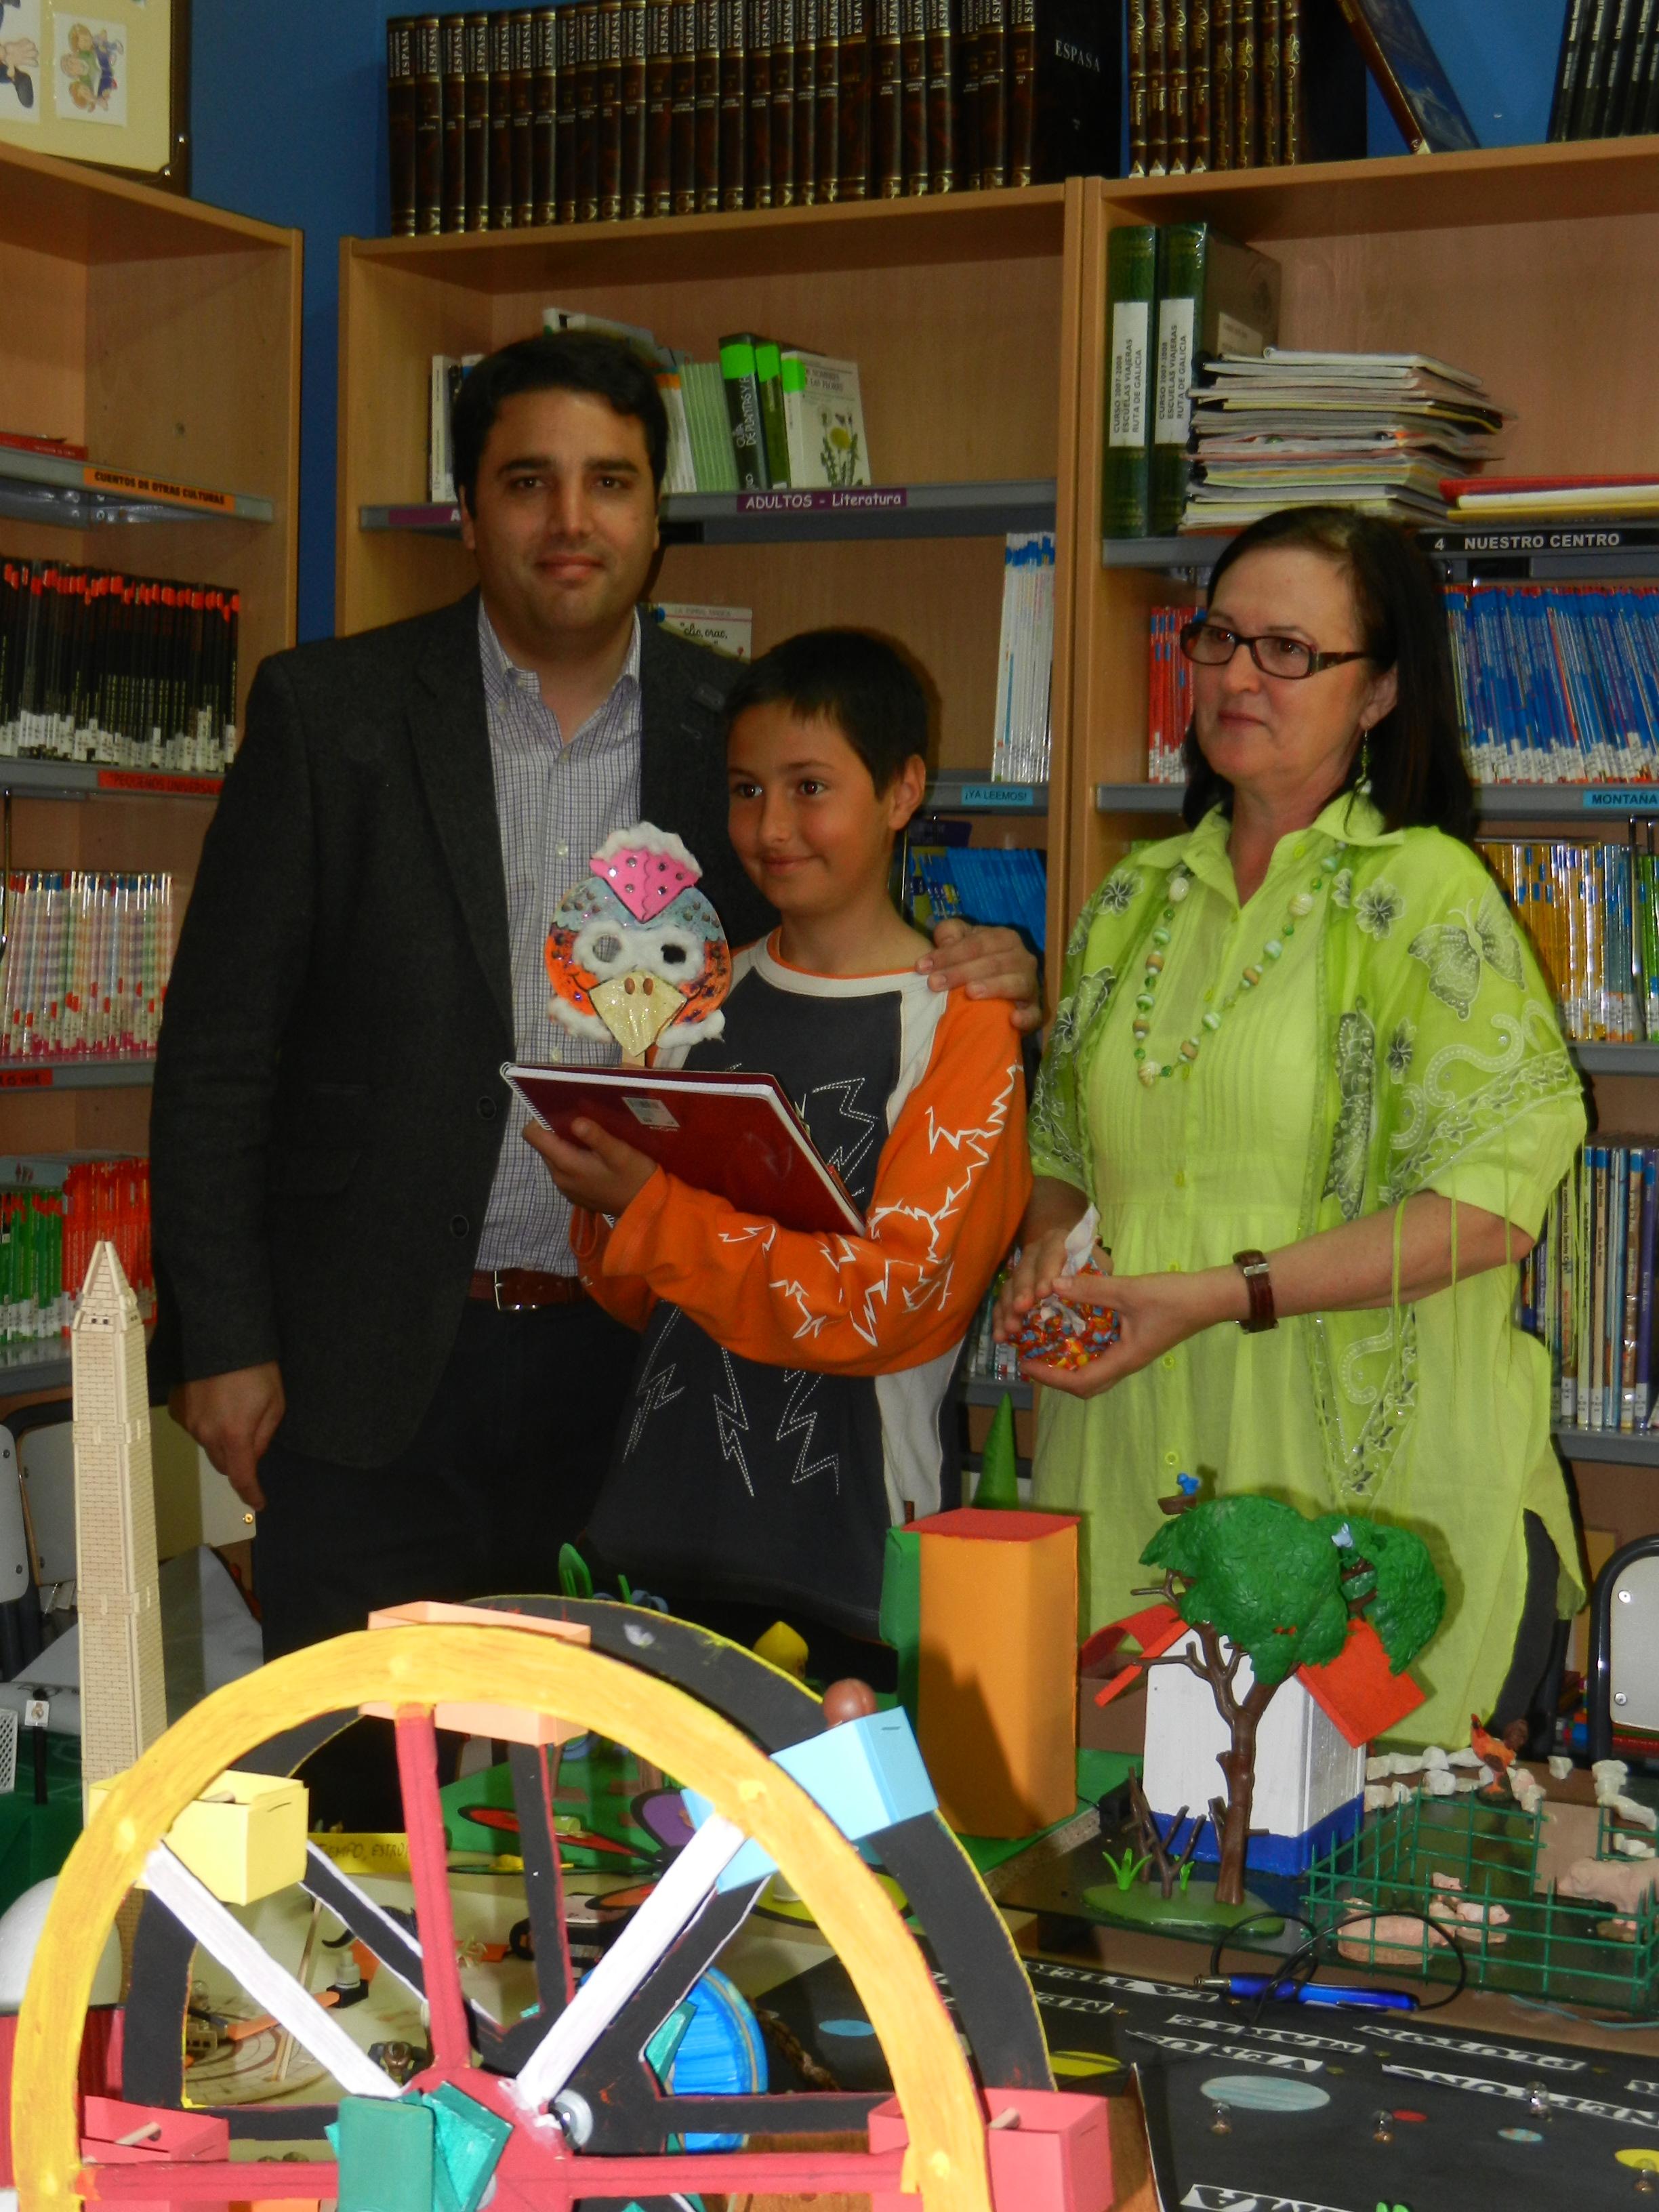 El Alcalde, Bernardino Píriz, junto a la directora, Ana María Anzola, y el ganador del concurso Amiga Gallina